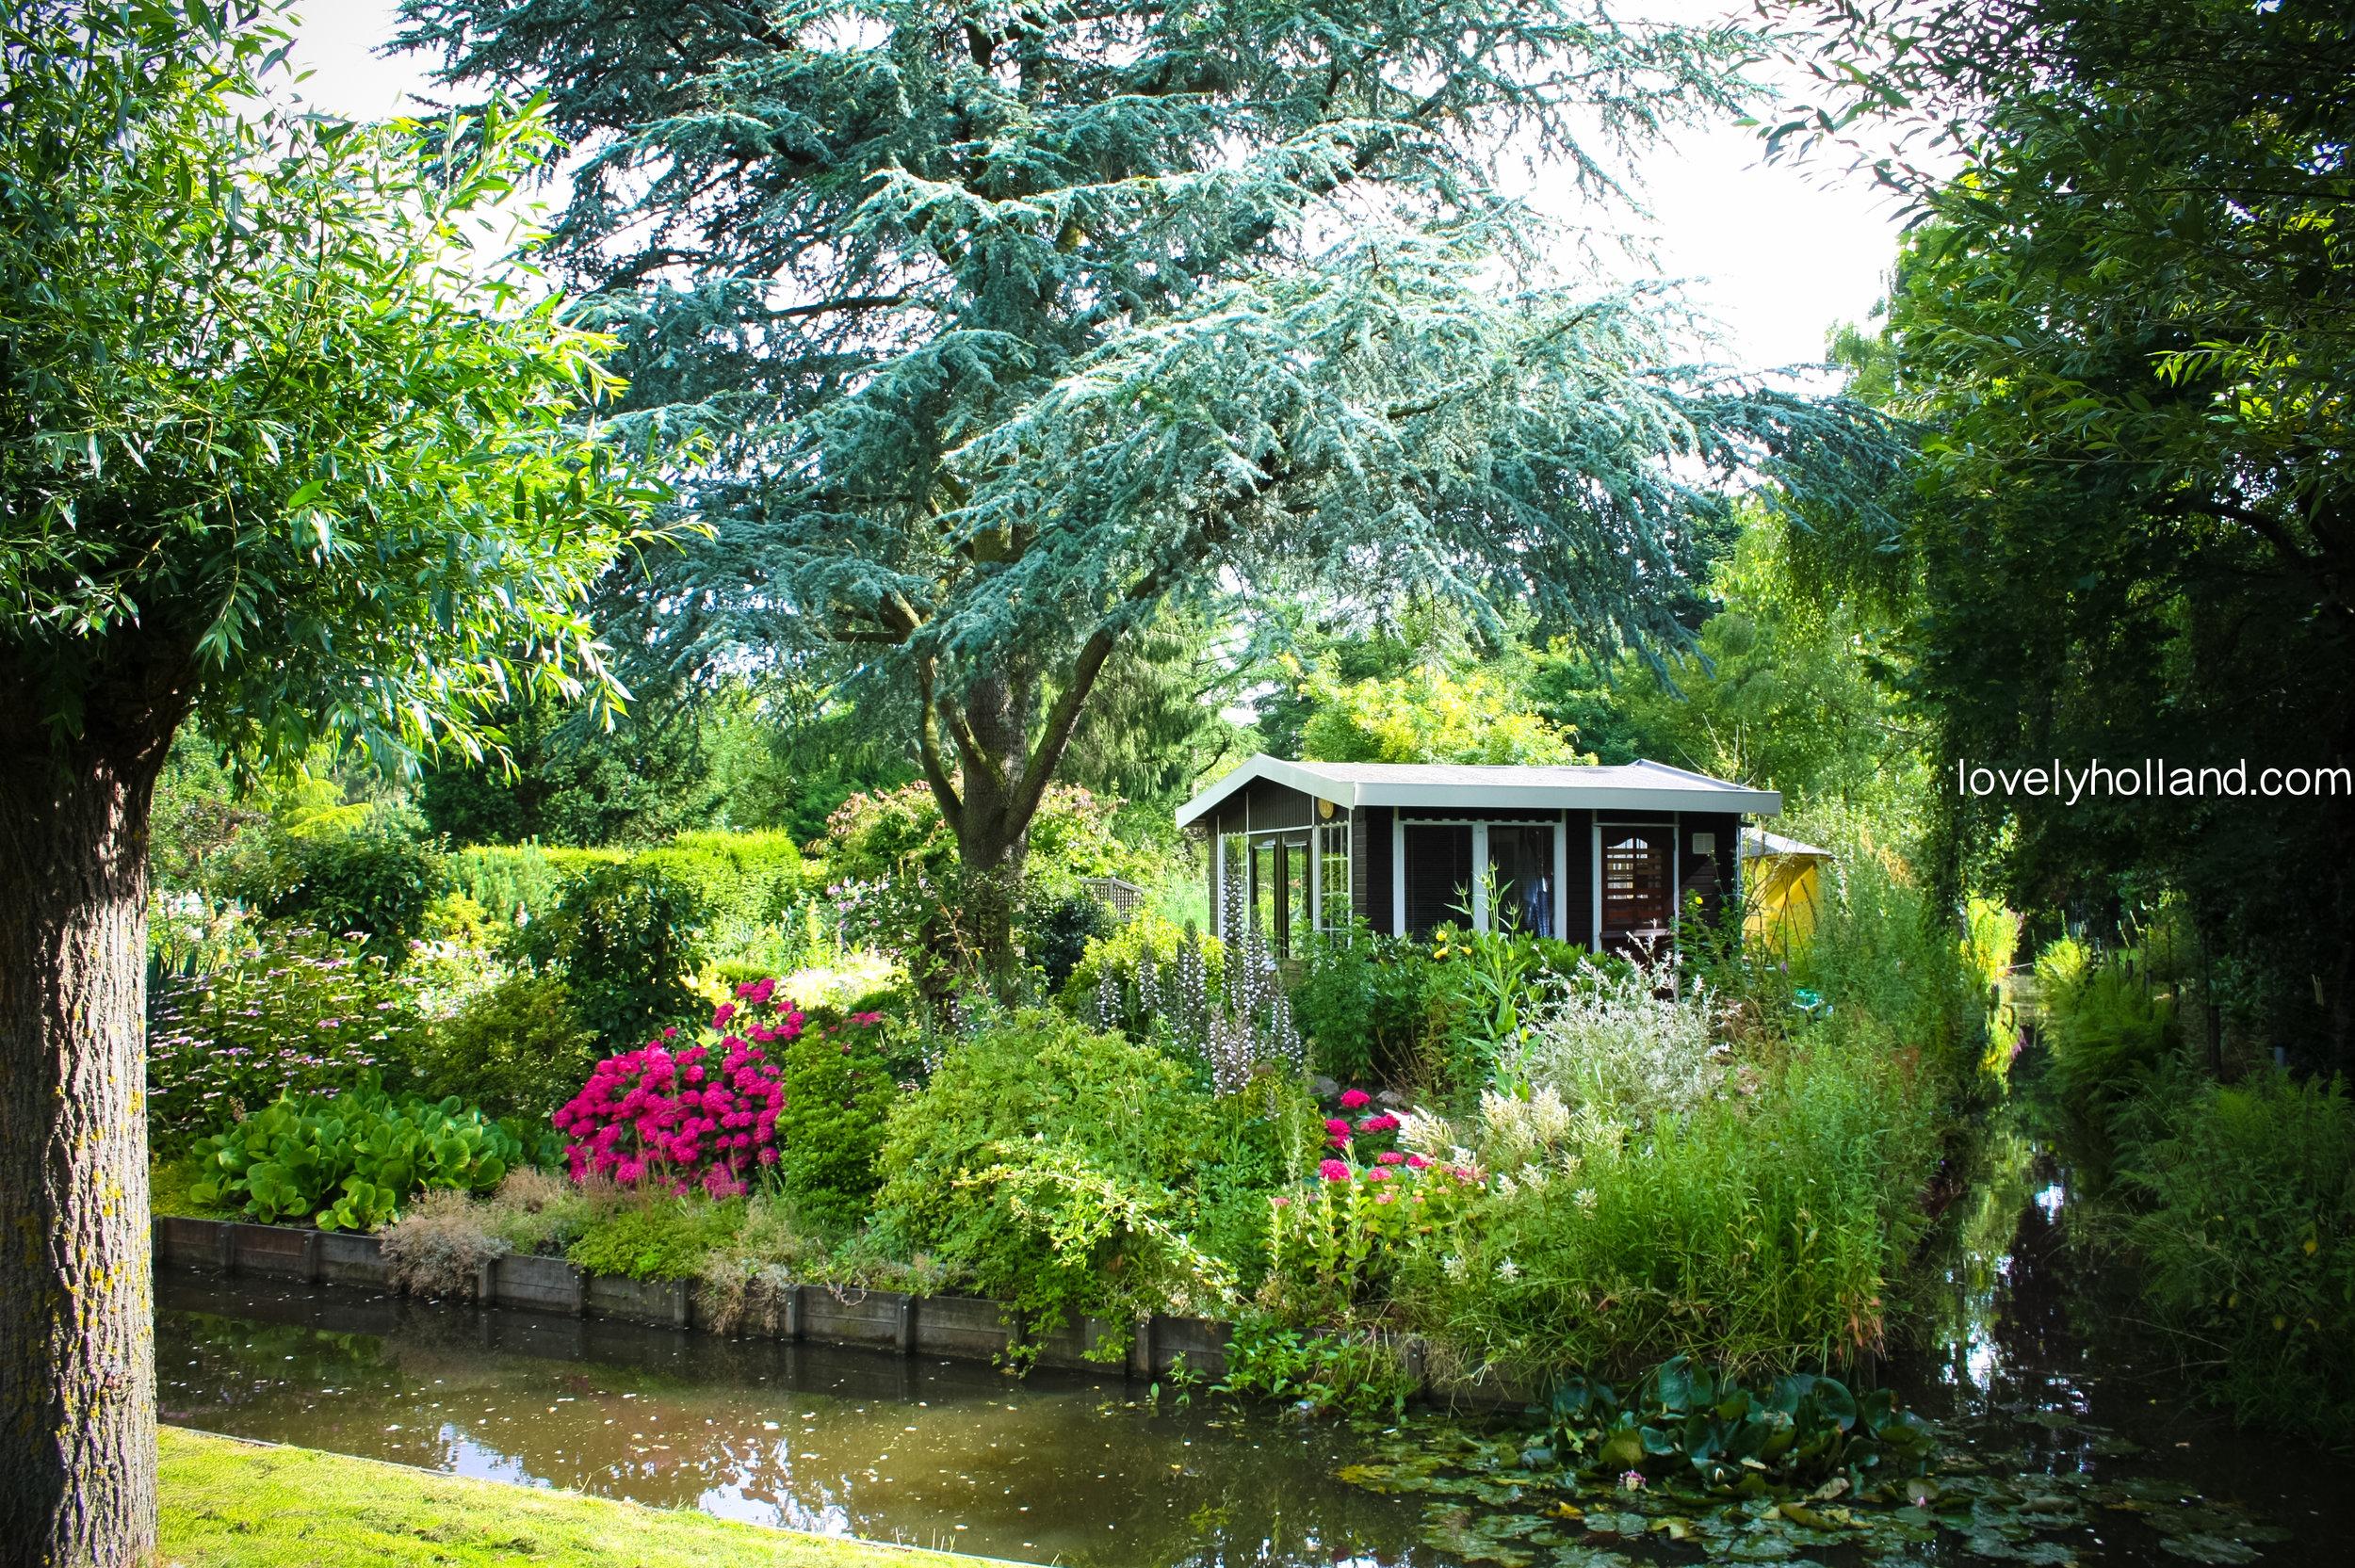 農圃小木屋,可愛的像是渡假屋,或是高級小別墅